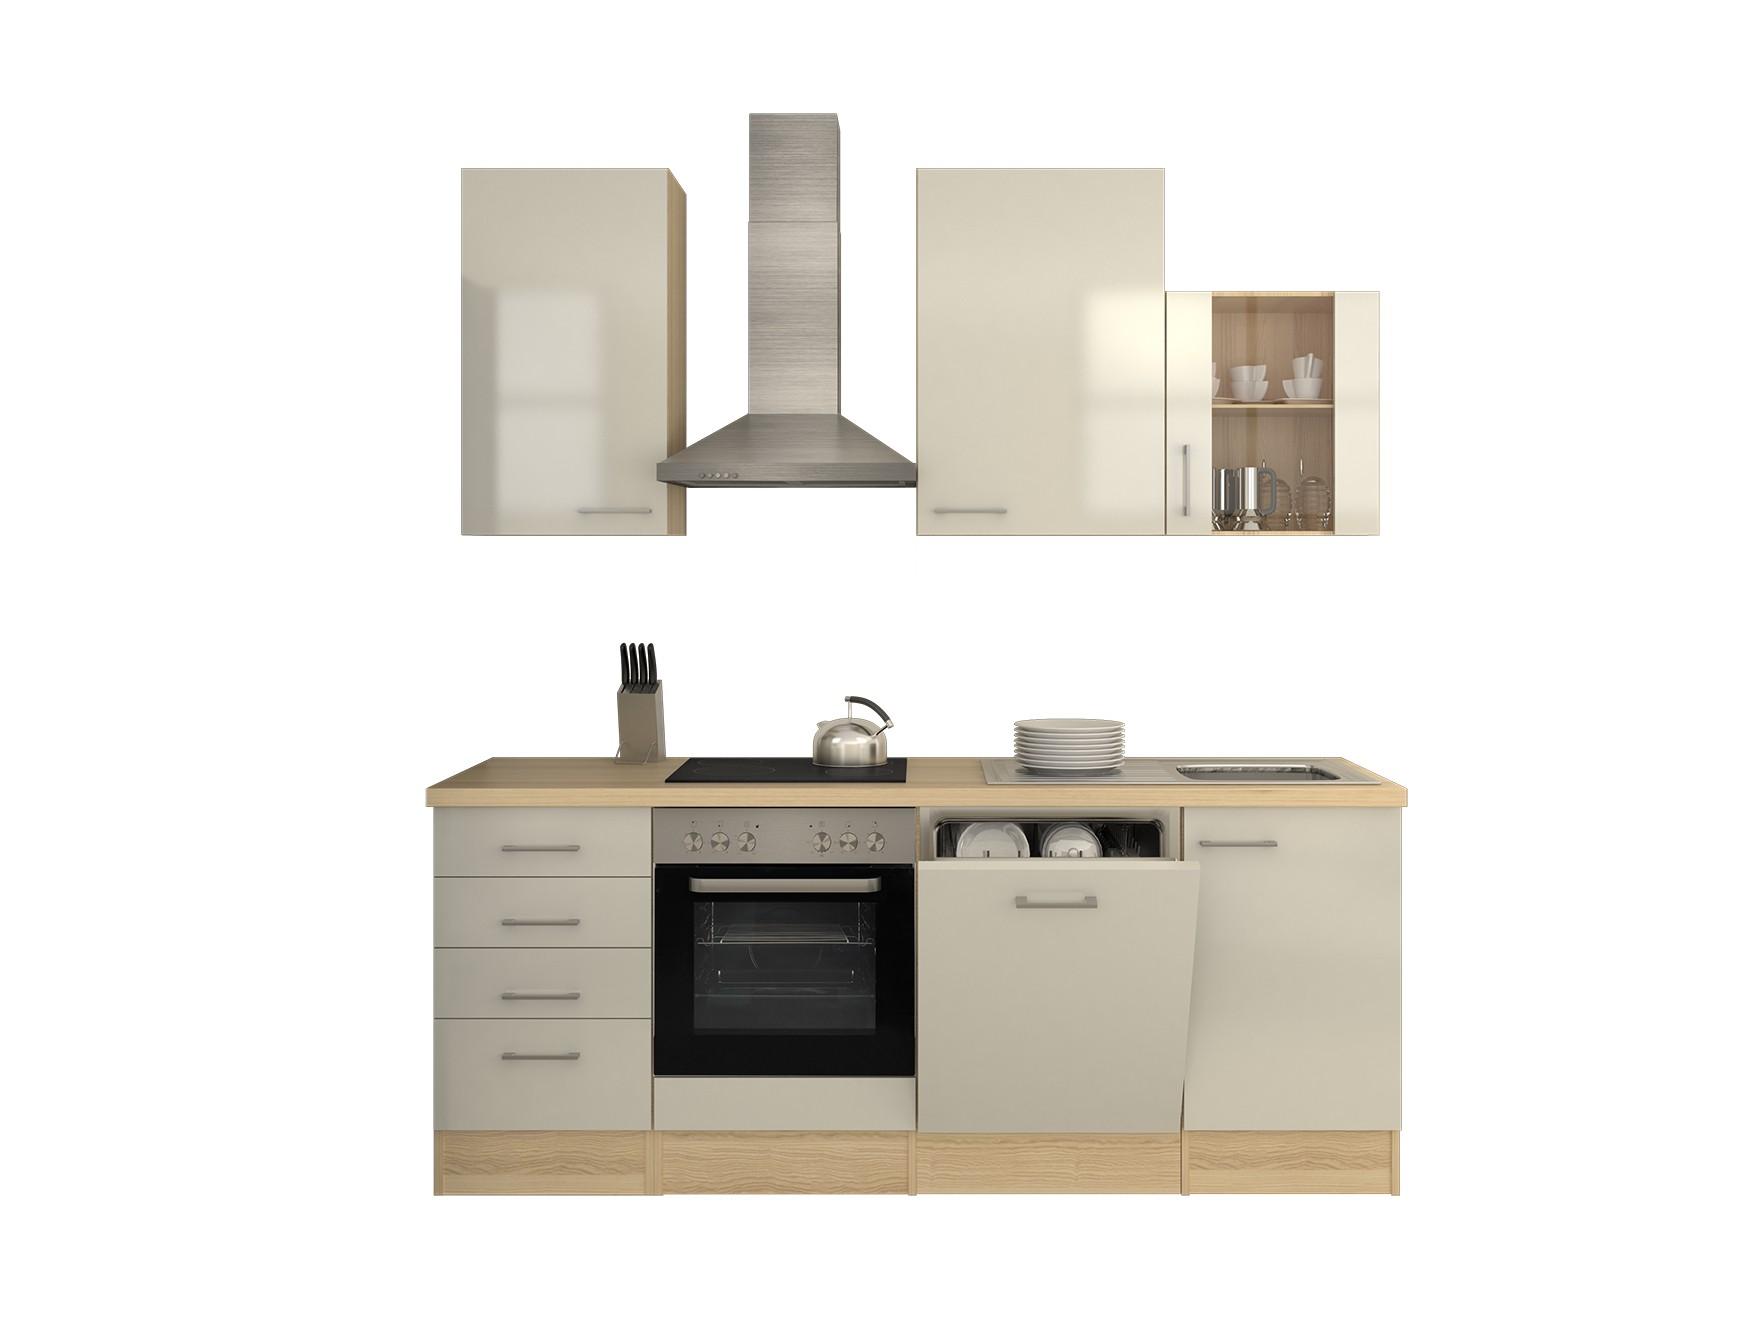 k chenzeile florenz k che mit e ger ten und kamin abzugshaube breite 220 cm perlmutt wei. Black Bedroom Furniture Sets. Home Design Ideas